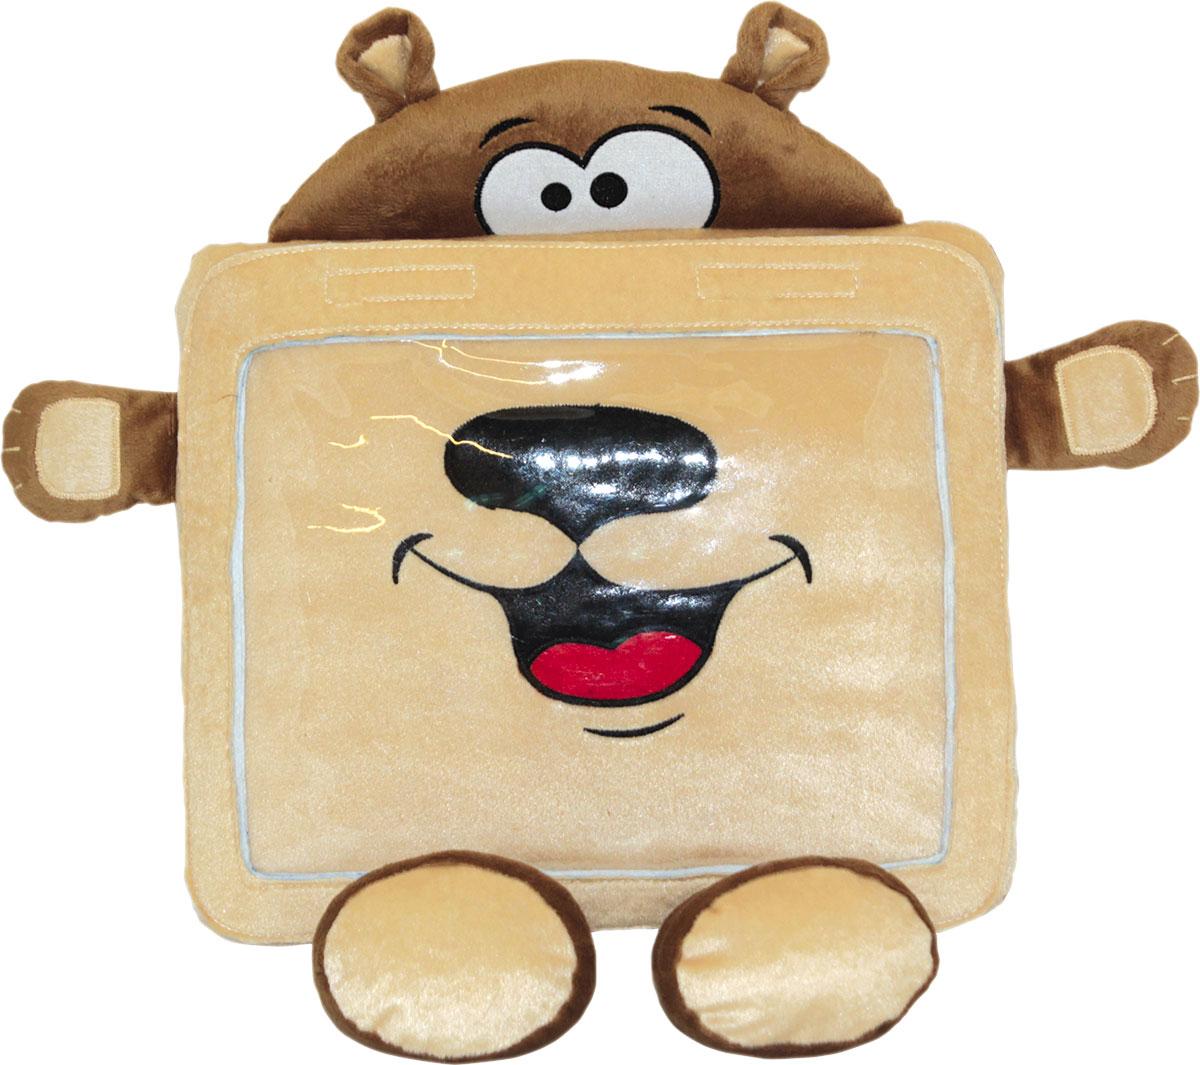 Gulliver Мягкая игрушка-чехол МишкаУТ000009723Чехол Gulliver защитит планшет от падений и ударов, а когда устройство не нужно, то Мишка станет главным героем для увлекательных сюжетных игр.Устройство легко поместить внутрь чехла, а картинка с экрана будет хорошо видна через прозрачное окошко на корпусе.Дети с интересом будут рассматривать забавную мордашку и ушки мишки, а его лапки станут удобной подставкой для планшета. На чехле расположено отверстие для подключения наушников к планшету.Мягкую игрушку-чехол можно брать с собой в поездки, чтобы малыш отвлекался на просмотр мультиков, закрепив чехол на спинке сиденья специальным ремешком.